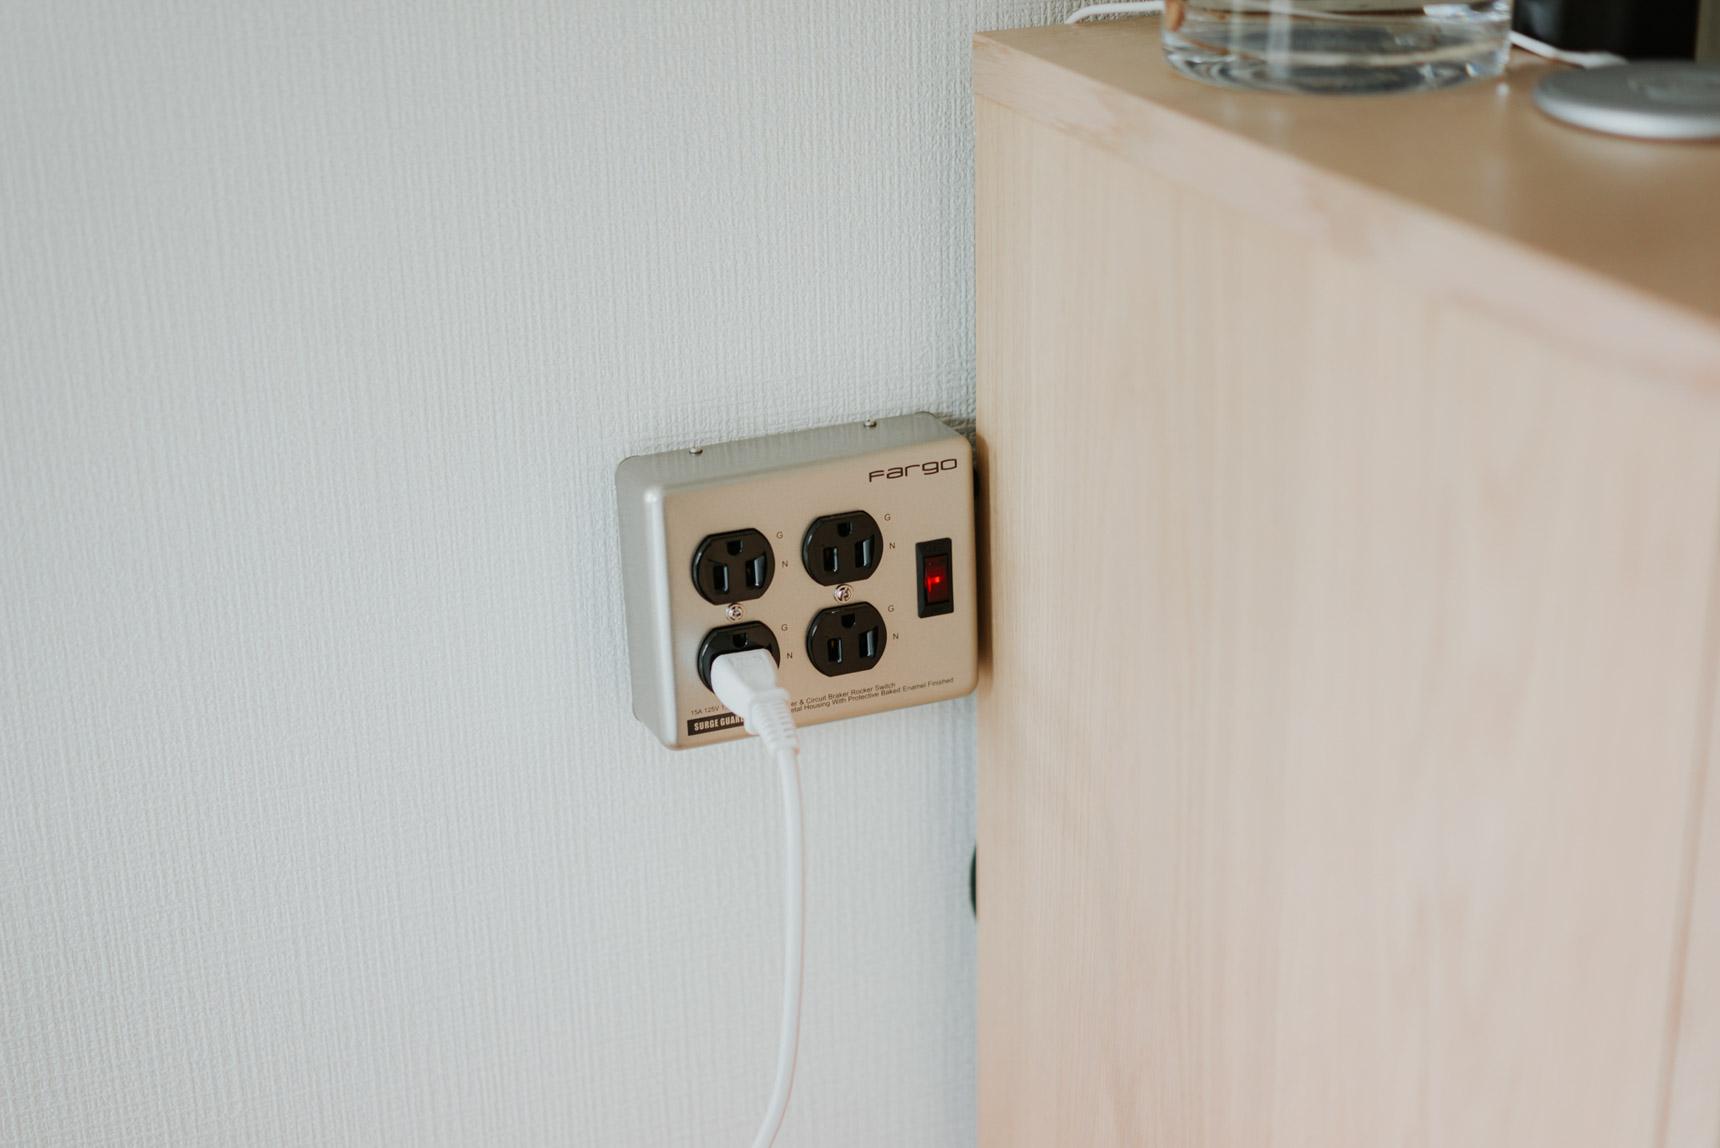 コンセントが家具の裏側にあたるため、電源タップをちょうどいい位置に壁掛け。